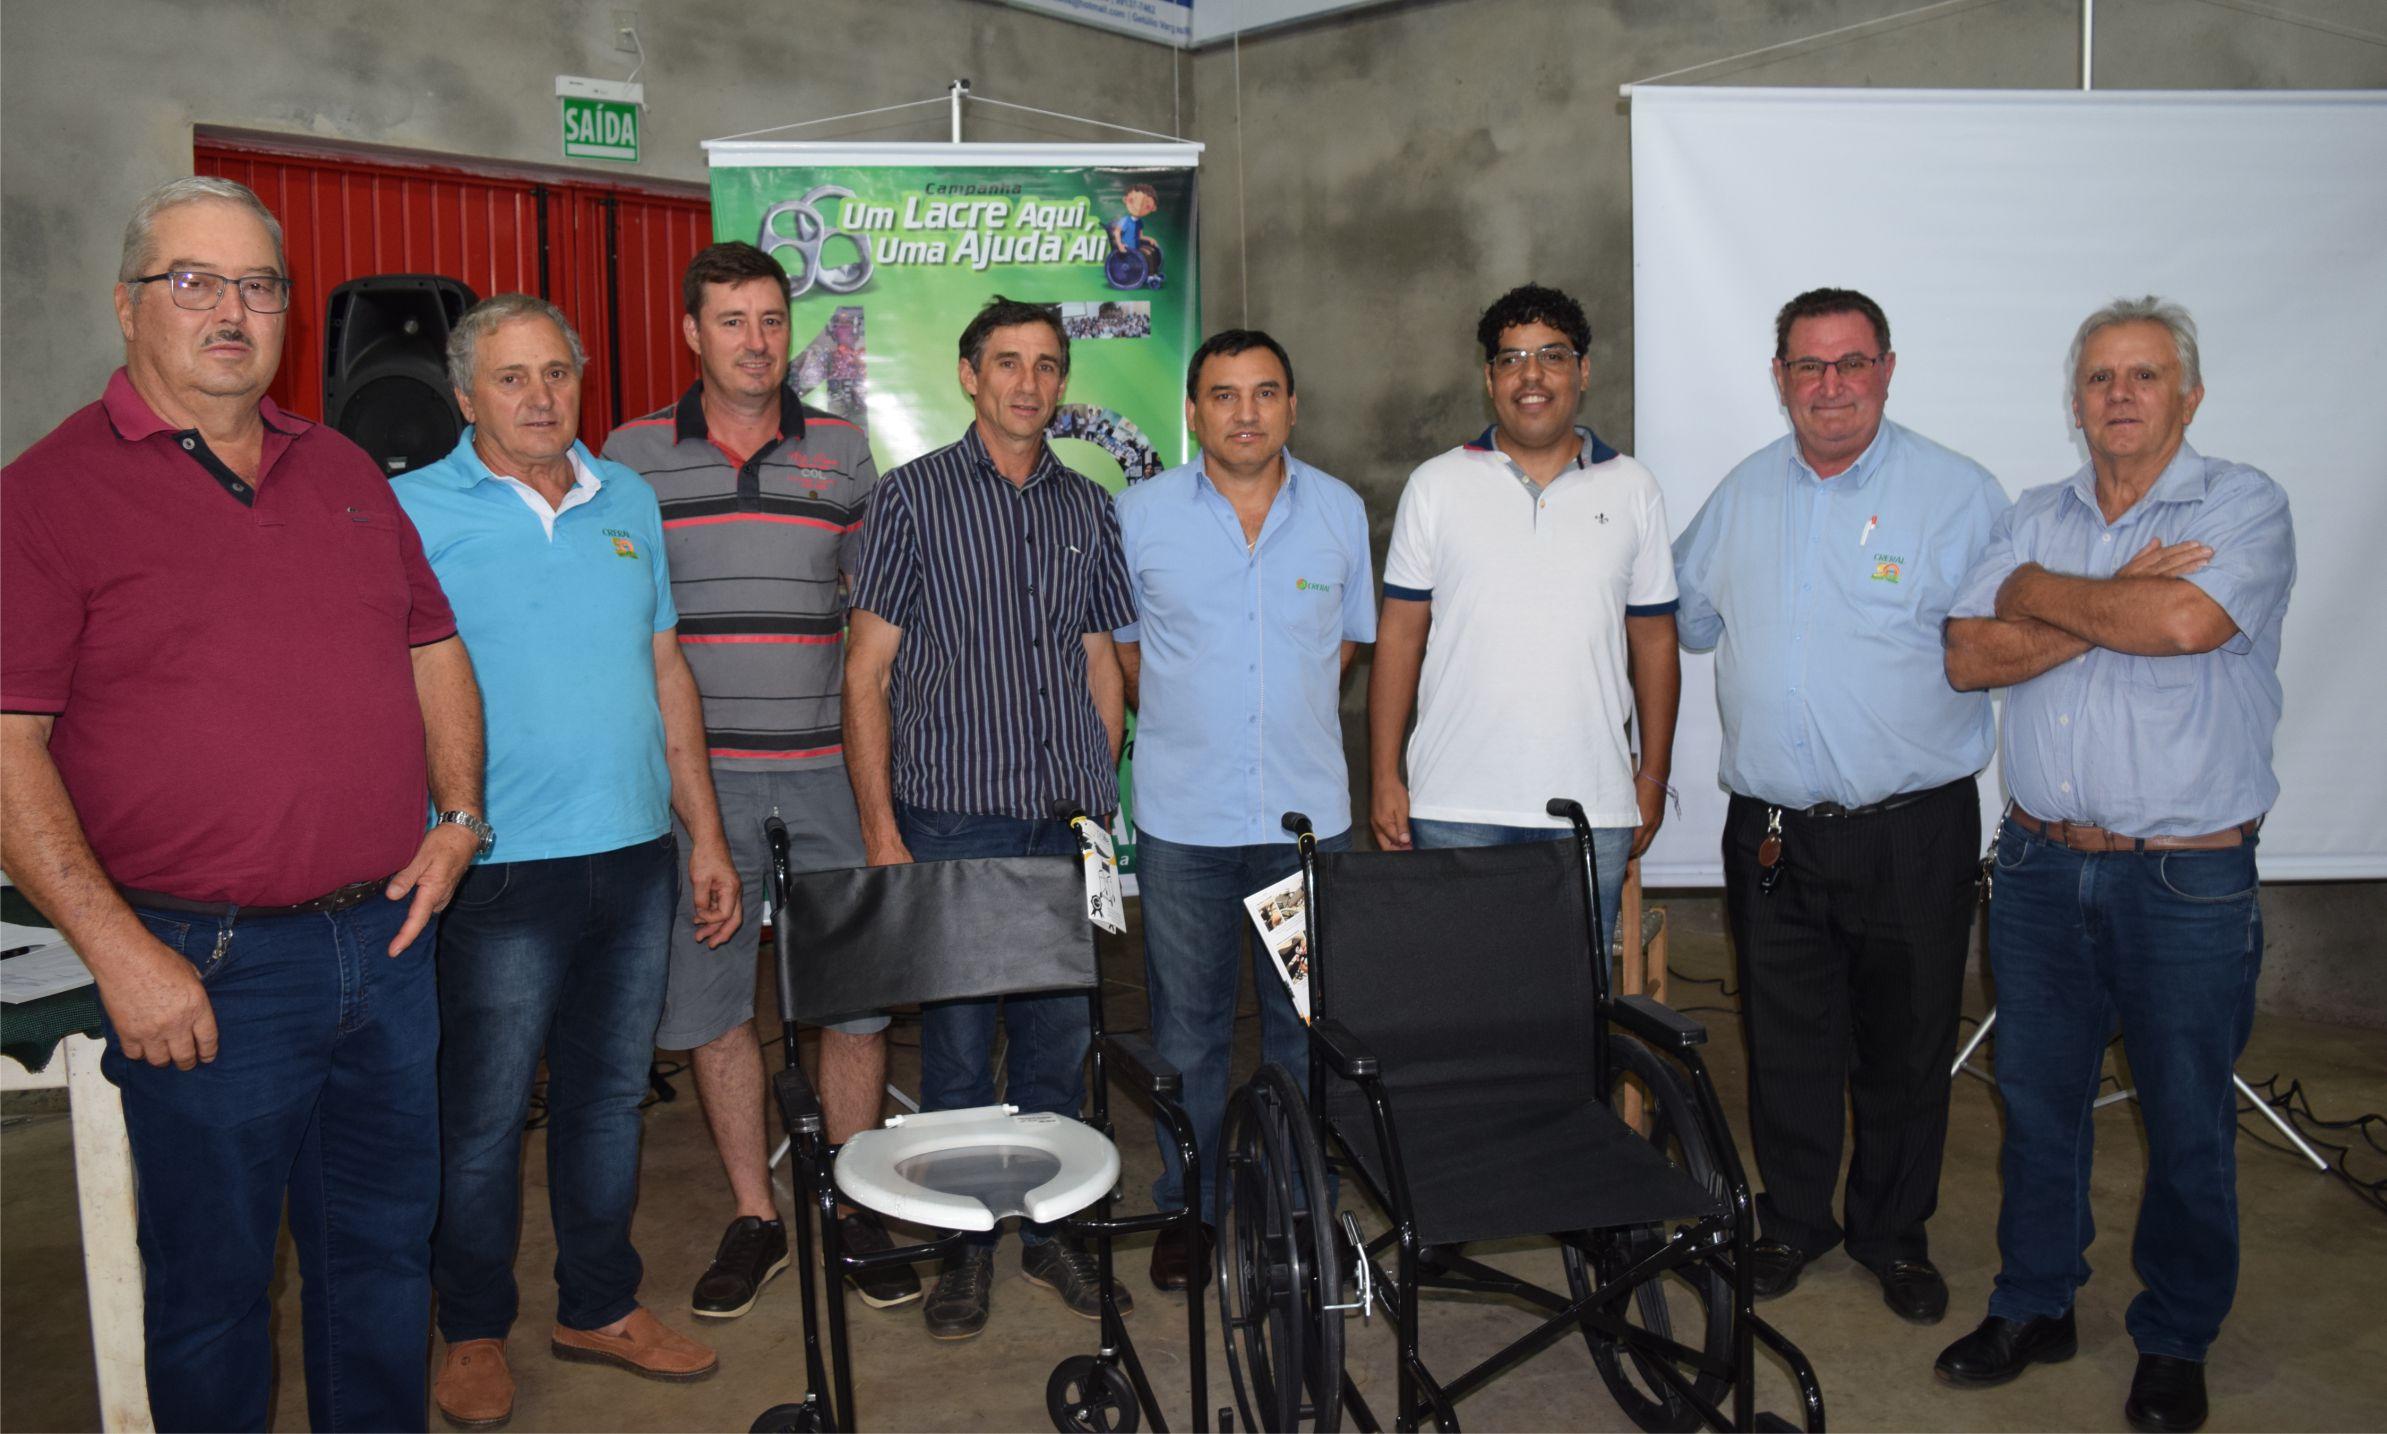 """Creral inicia entrega das cadeiras de rodas da campanha """"Um lacre aqui, uma ajuda ali"""""""